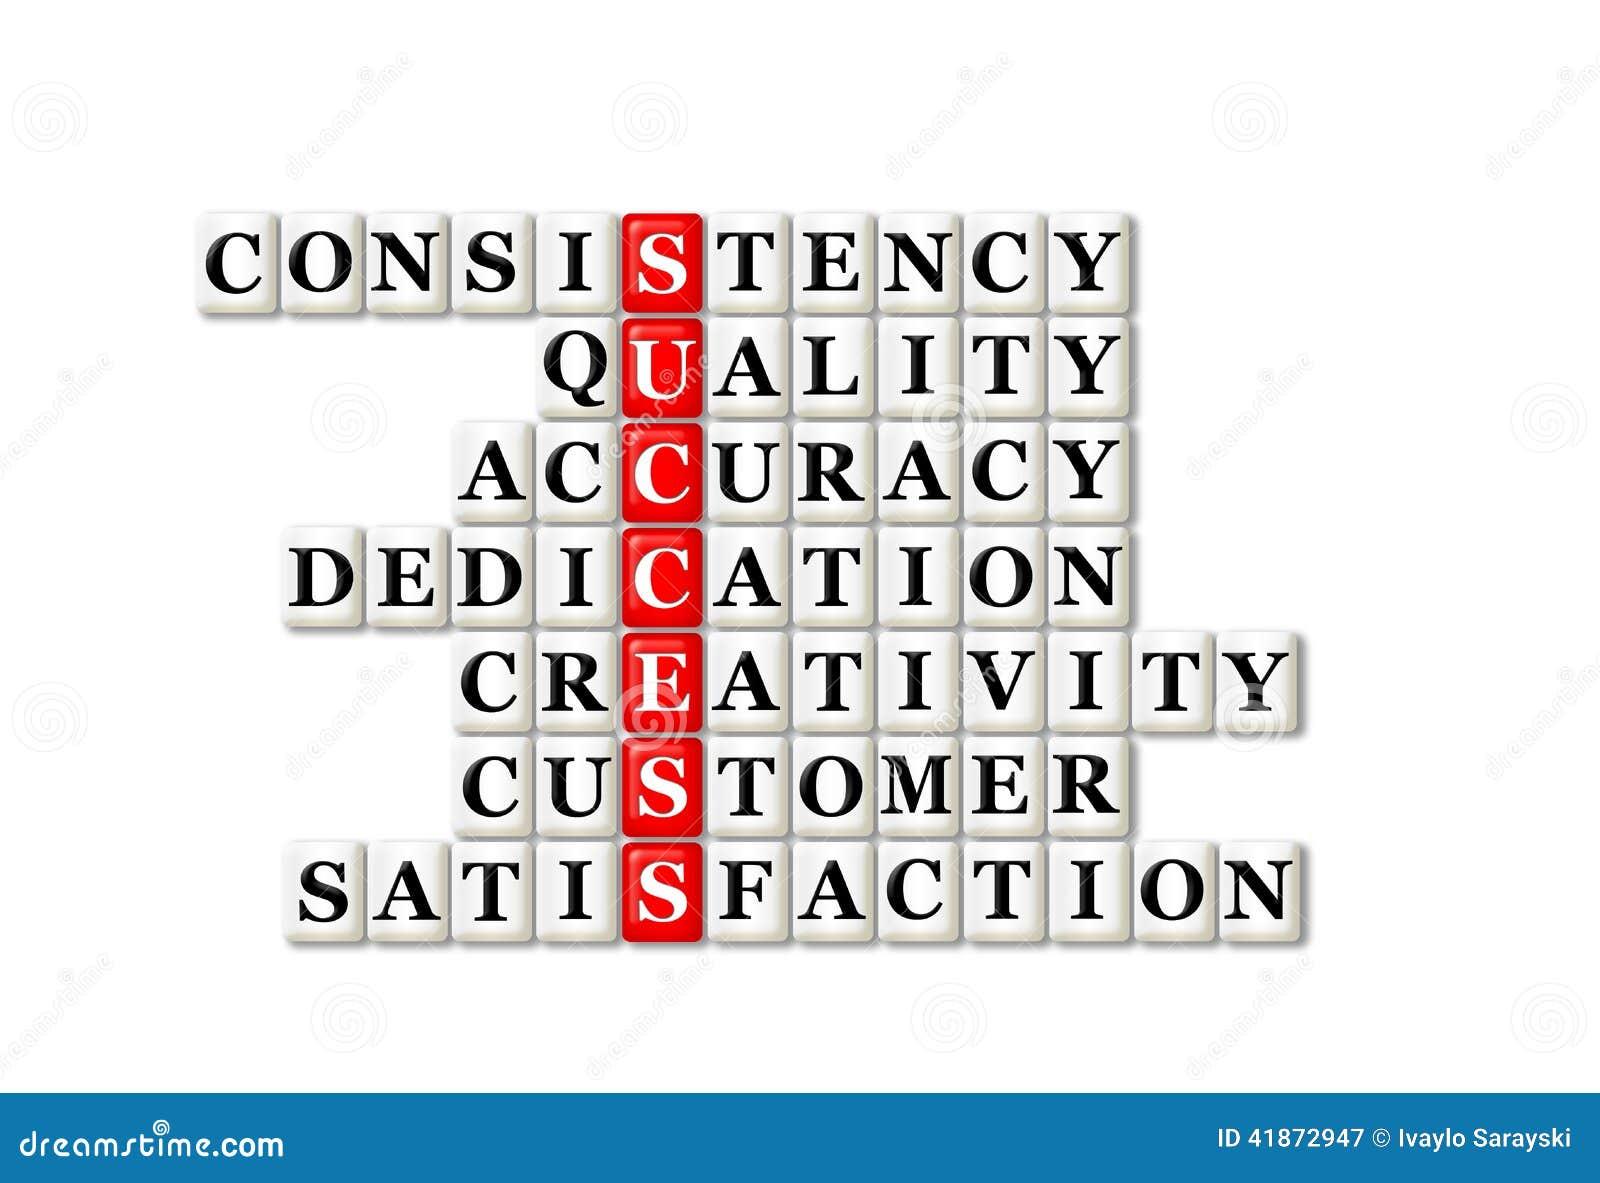 customer satisfaction stock illustration